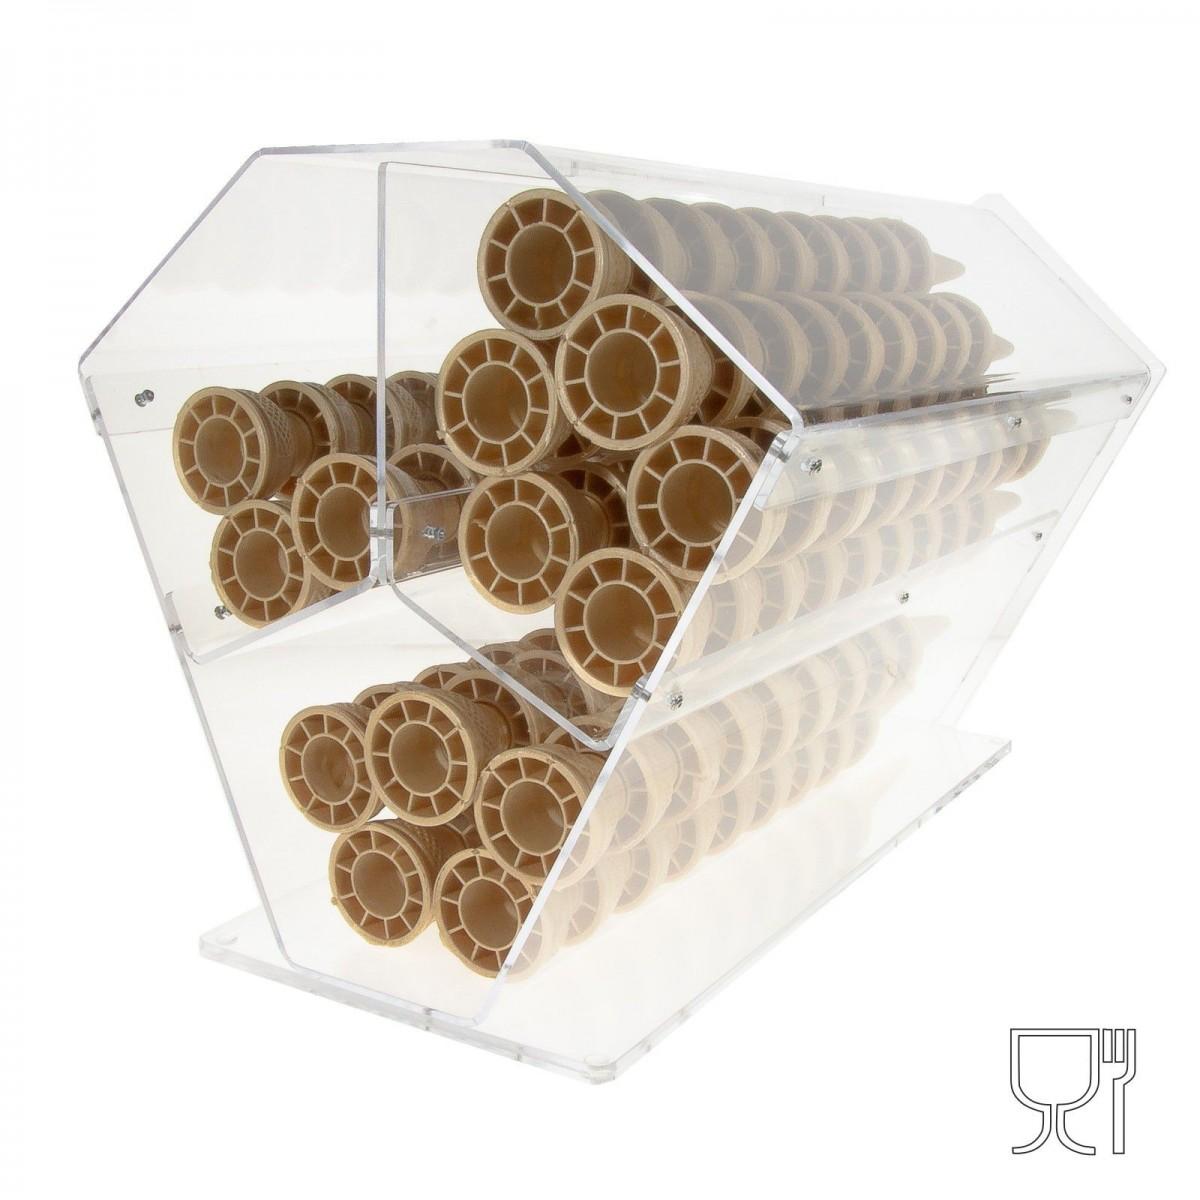 E-070 PCN - Porta coni in plexiglass trasparente orizzontale